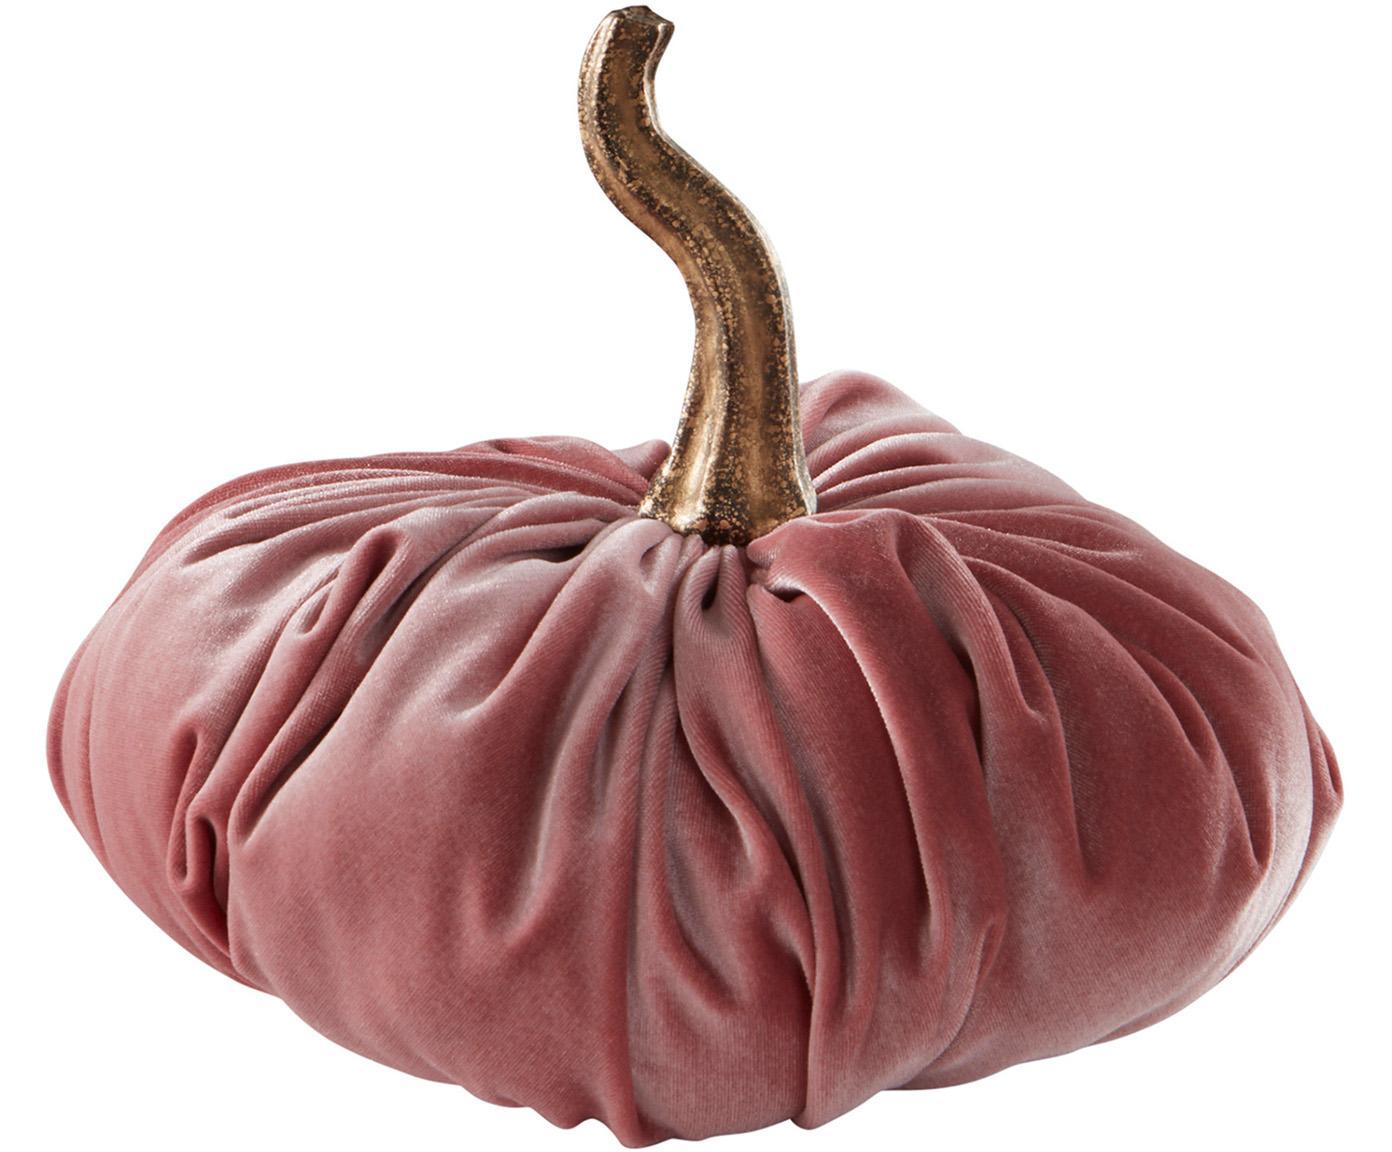 Calabaza decorativa de terciopelo Pumpis, 15%poliresina, 35%acrílico, 25%poliéster, 25%relleno de arena de cuarzo, Rosa, Ø 19 x Al 18